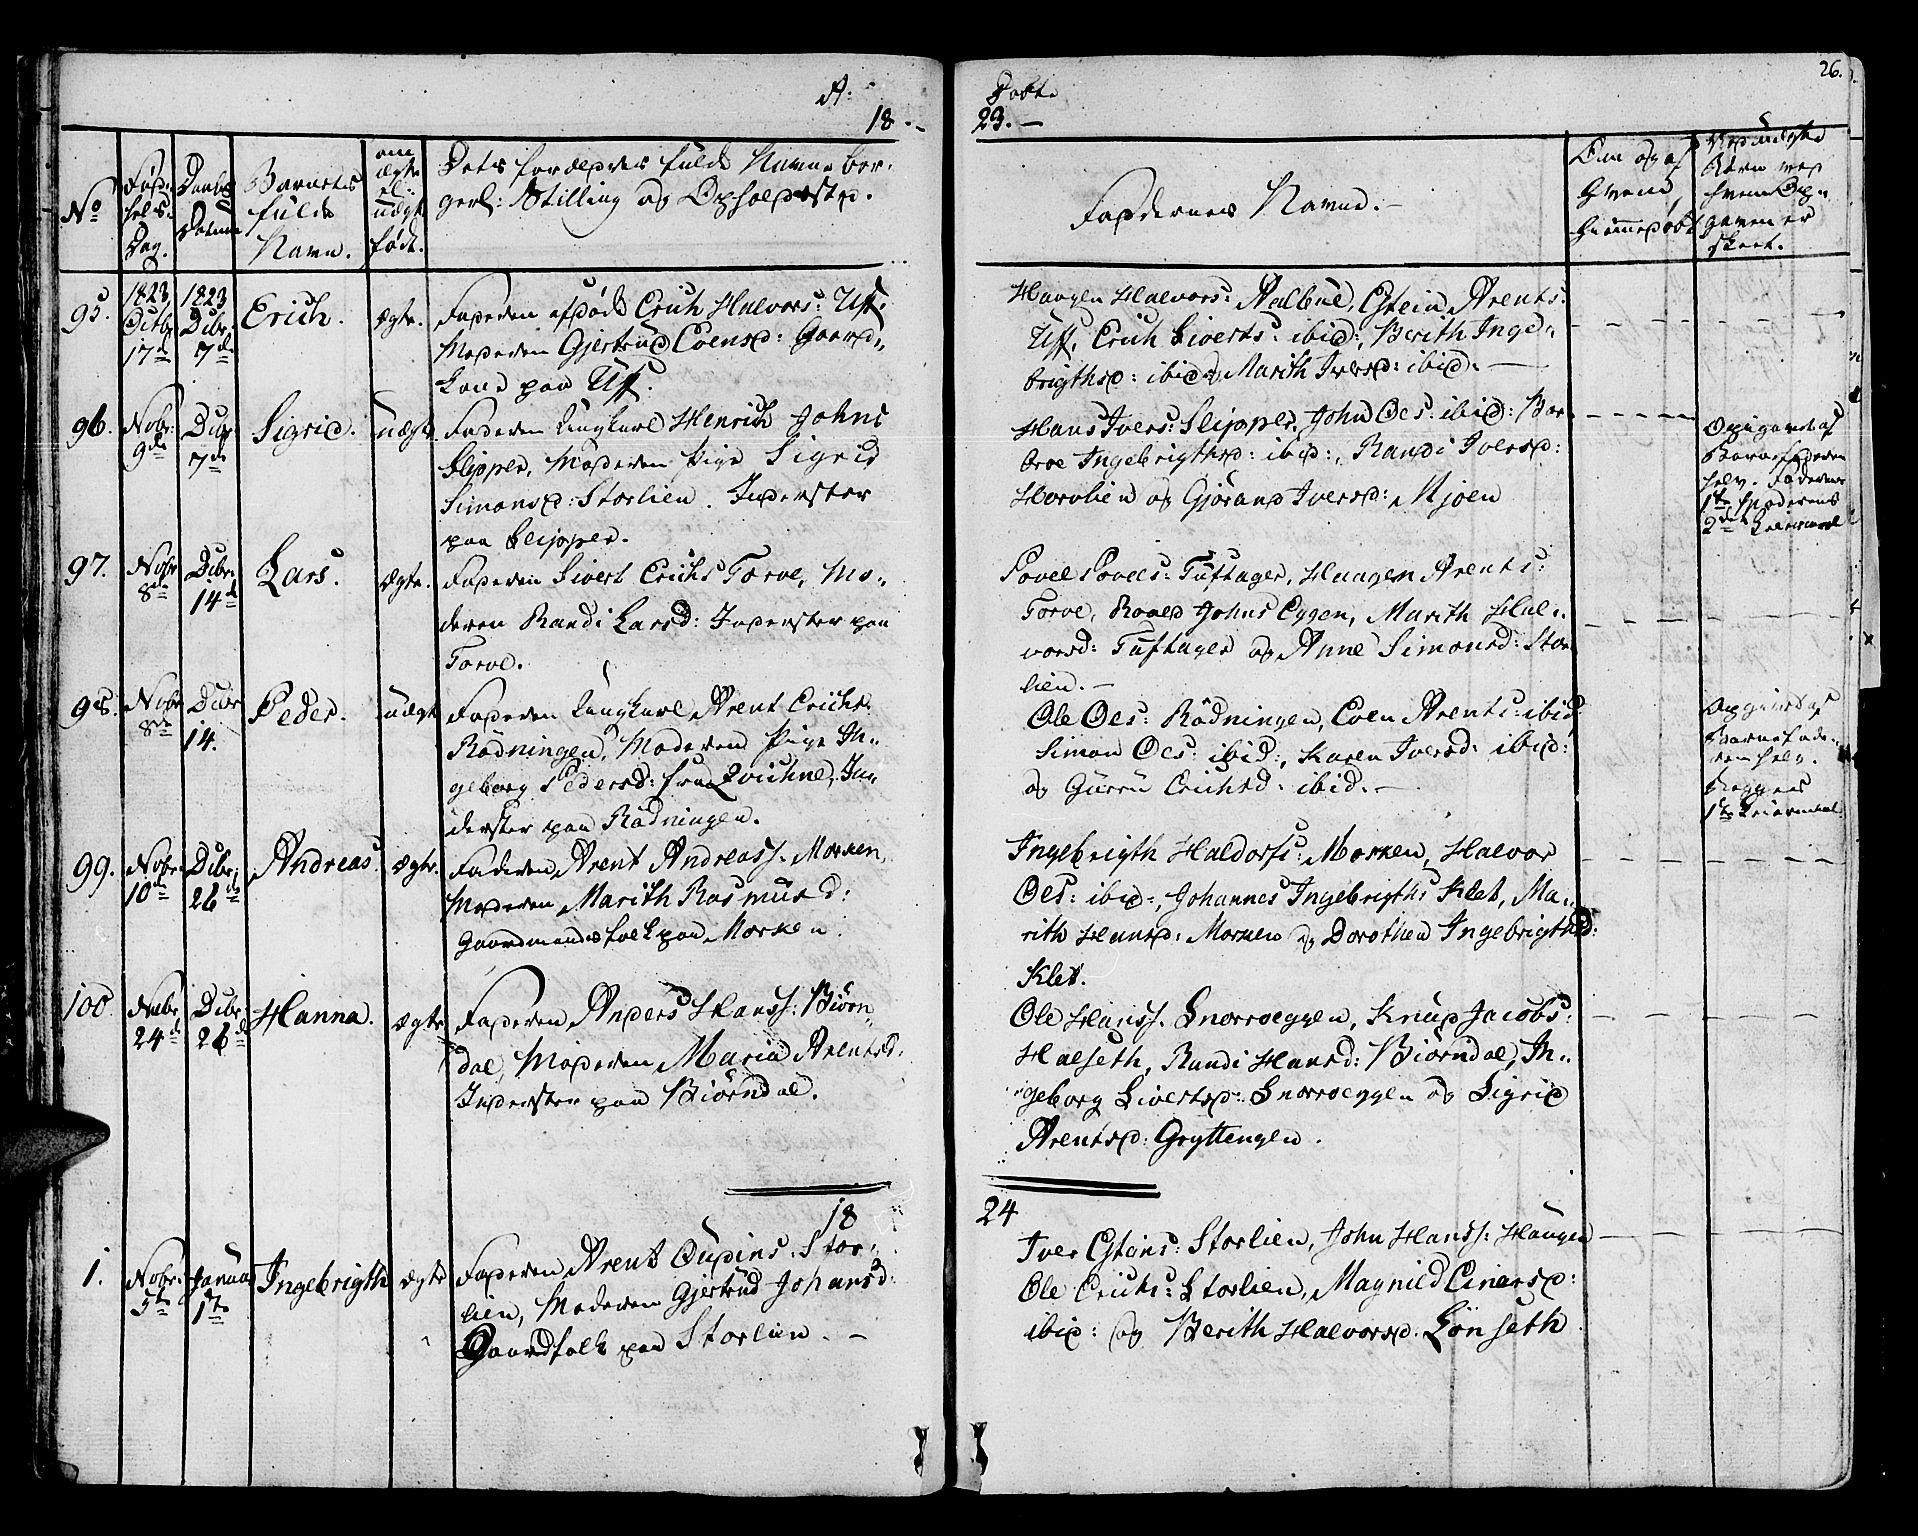 SAT, Ministerialprotokoller, klokkerbøker og fødselsregistre - Sør-Trøndelag, 678/L0897: Ministerialbok nr. 678A06-07, 1821-1847, s. 26